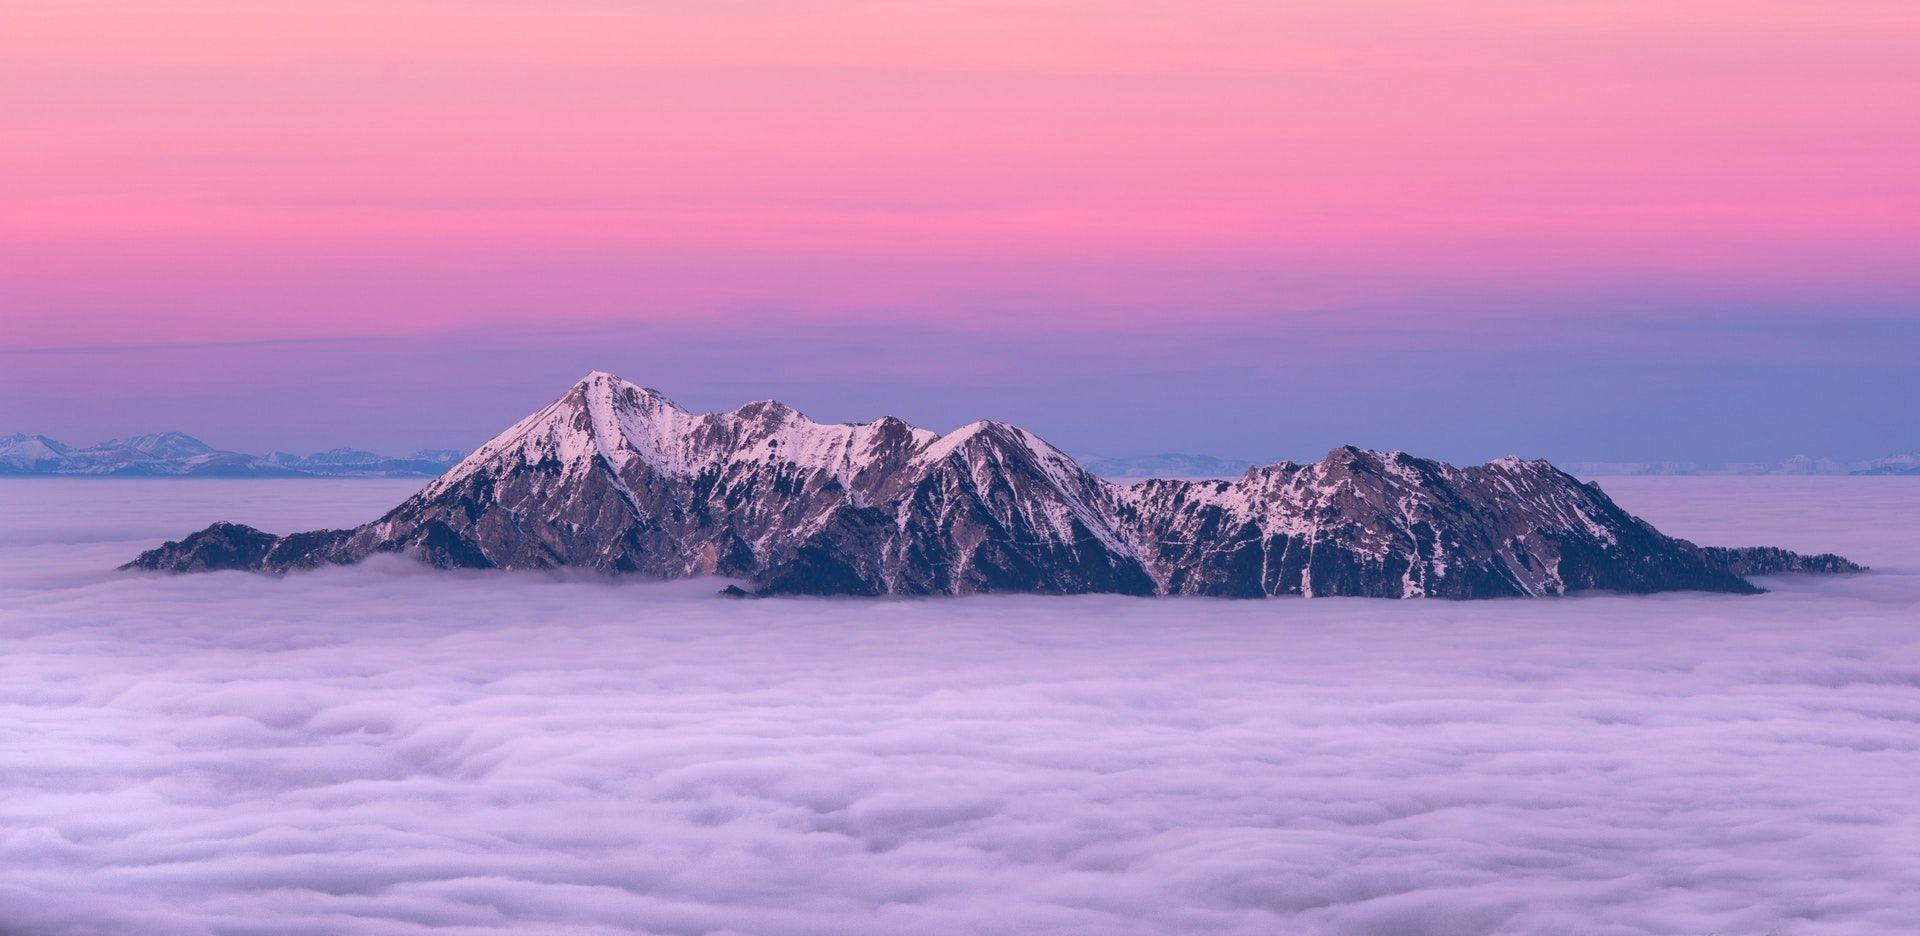 عکس زمینه قله کوه بالای ابر پس زمینه